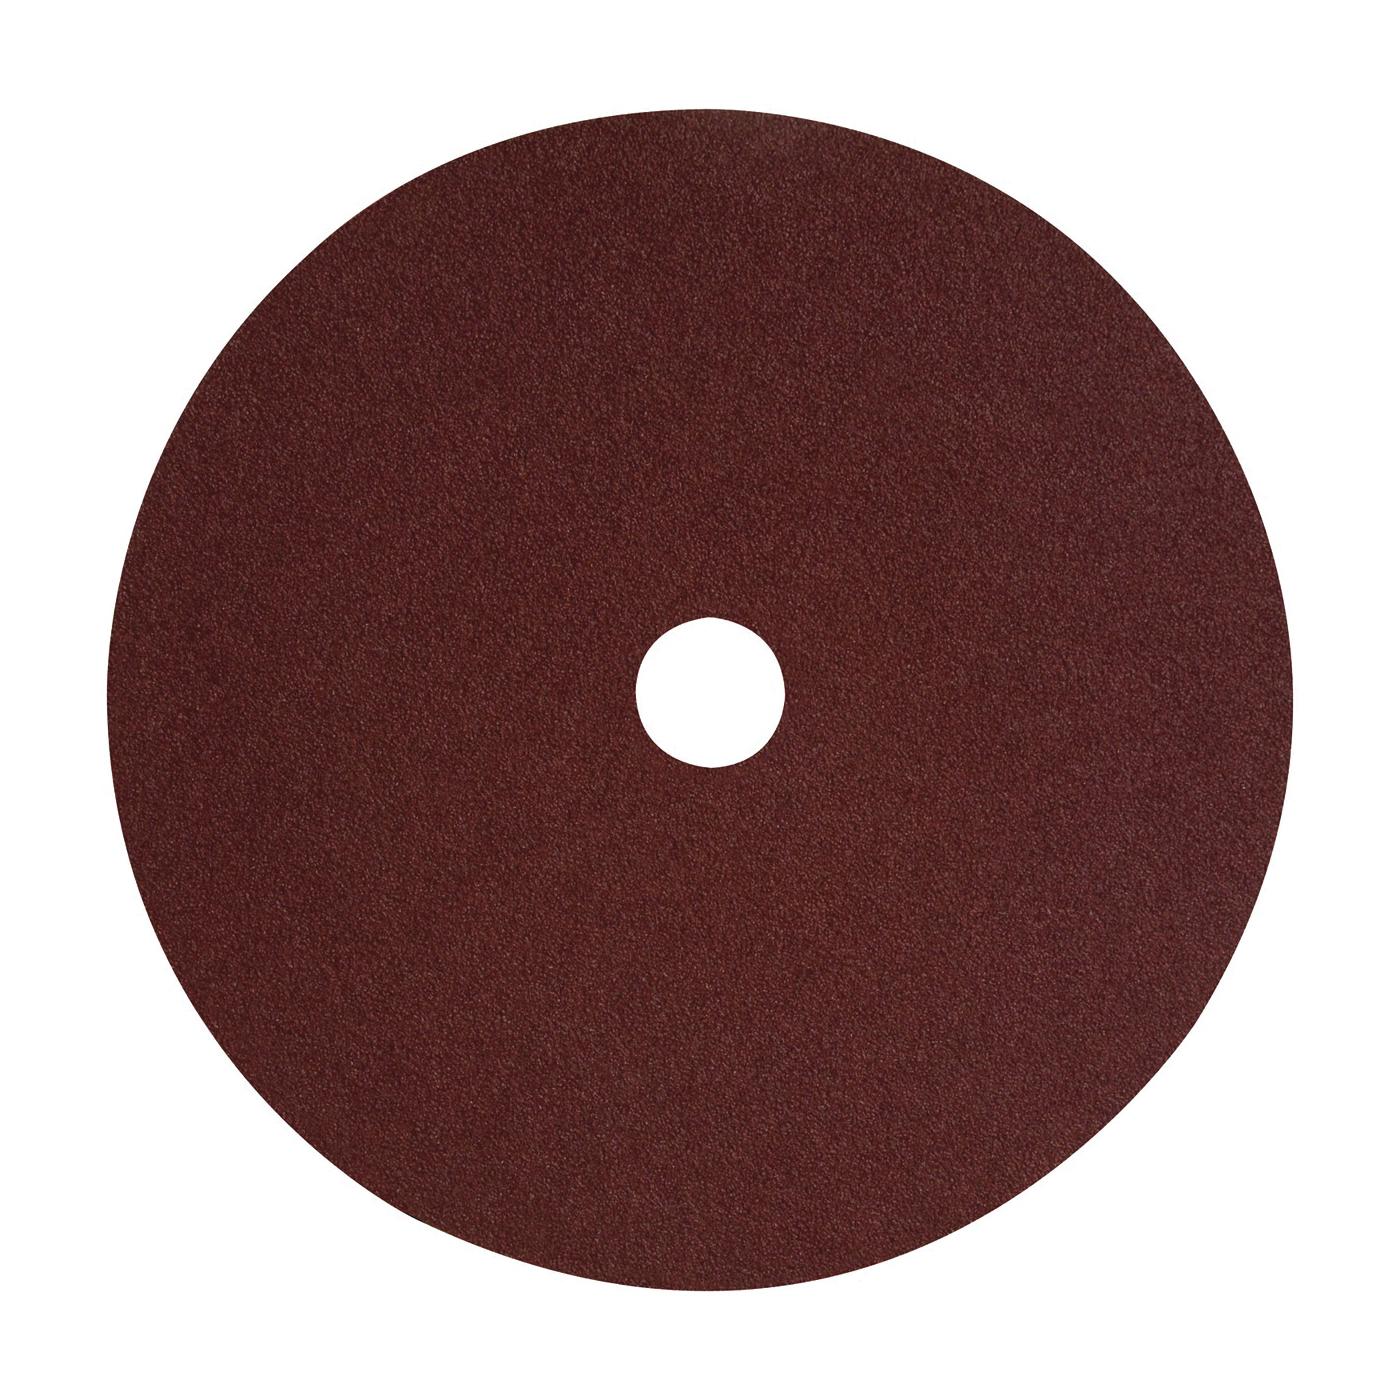 Picture of DeWALT DARB1G0225 Fiber Disc, 4-1/2 in Dia, 7/8 in Arbor, Coated, 24 Grit, Aluminum Oxide Abrasive, Fiber Backing